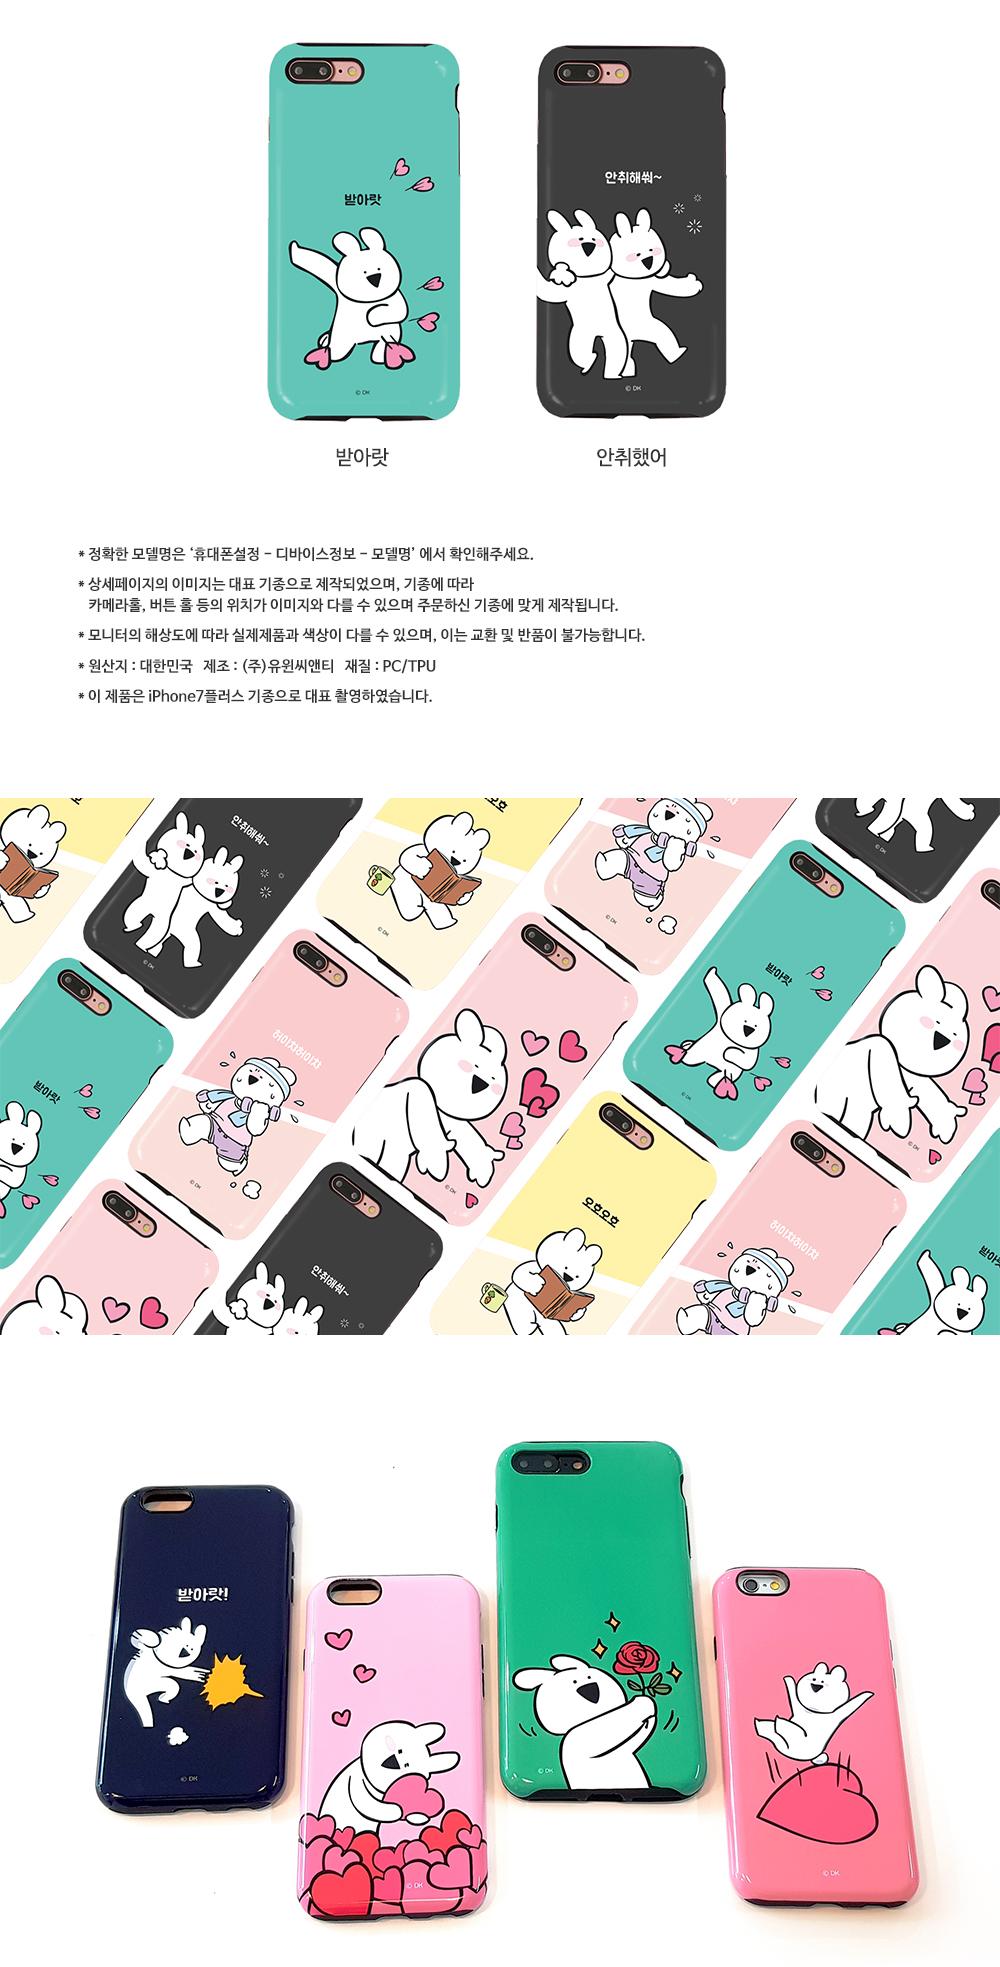 오버액션 토끼 정품 더블가드 케이스 - 하트허그 - 오버액션 토끼, 19,000원, 필름/스킨, 갤럭시S8